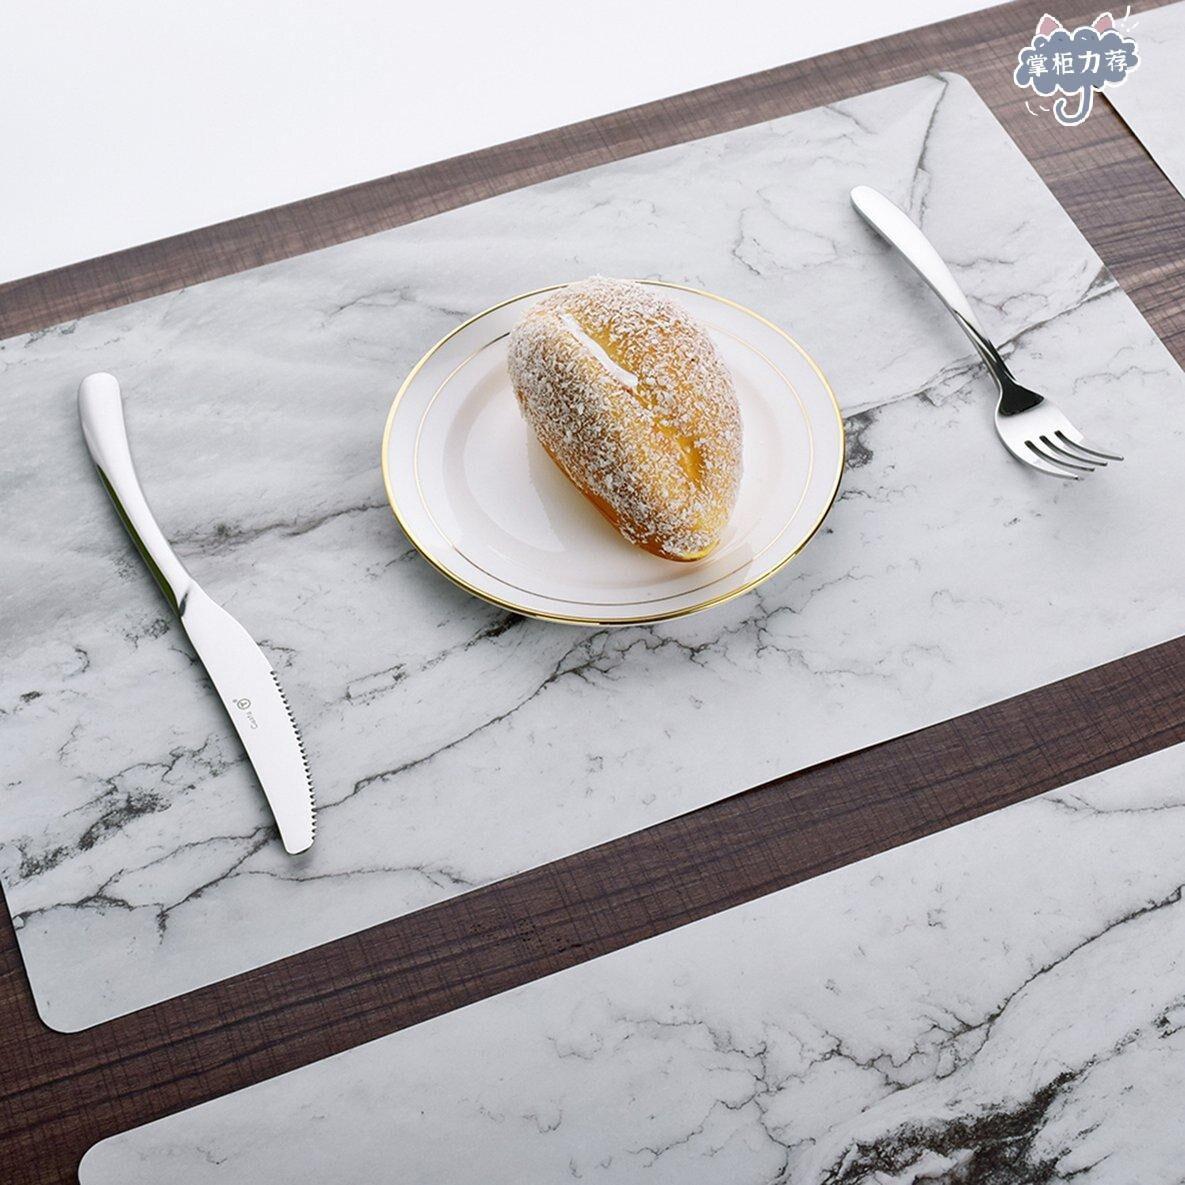 【全館免運】兩個大理石花紋防滑隔熱PVC餐桌墊 隔熱墊 防燙桌墊 桌墊 杯墊 碗墊 兩個裝